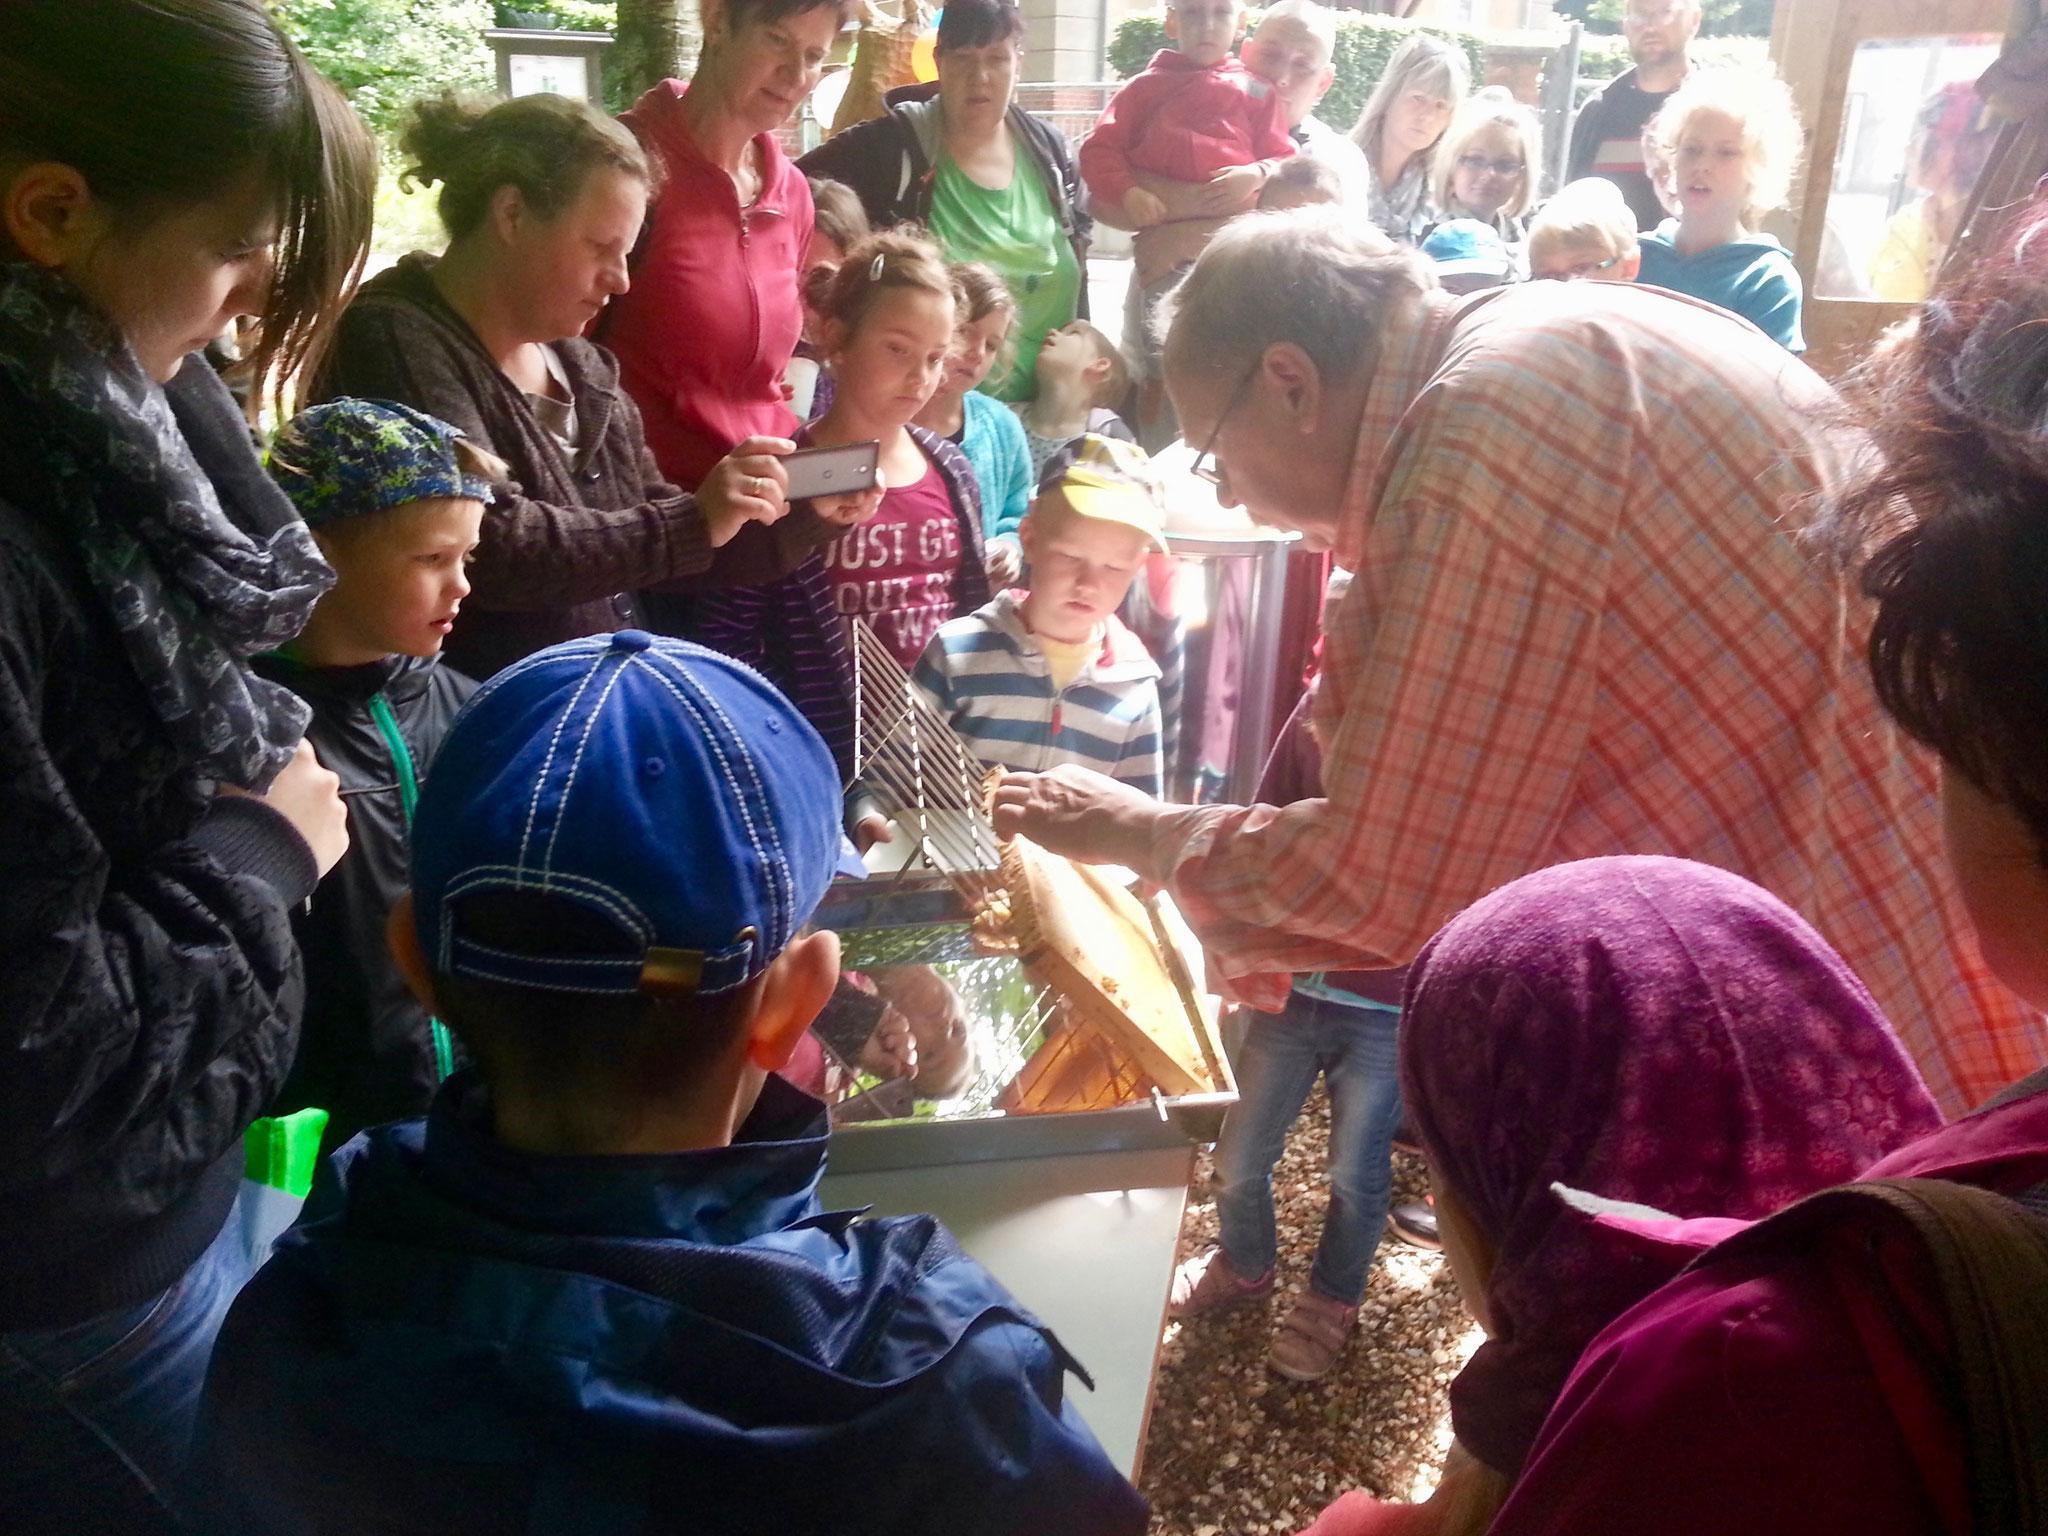 Kinder- und Jugendarbeit in der Lehrimkerei